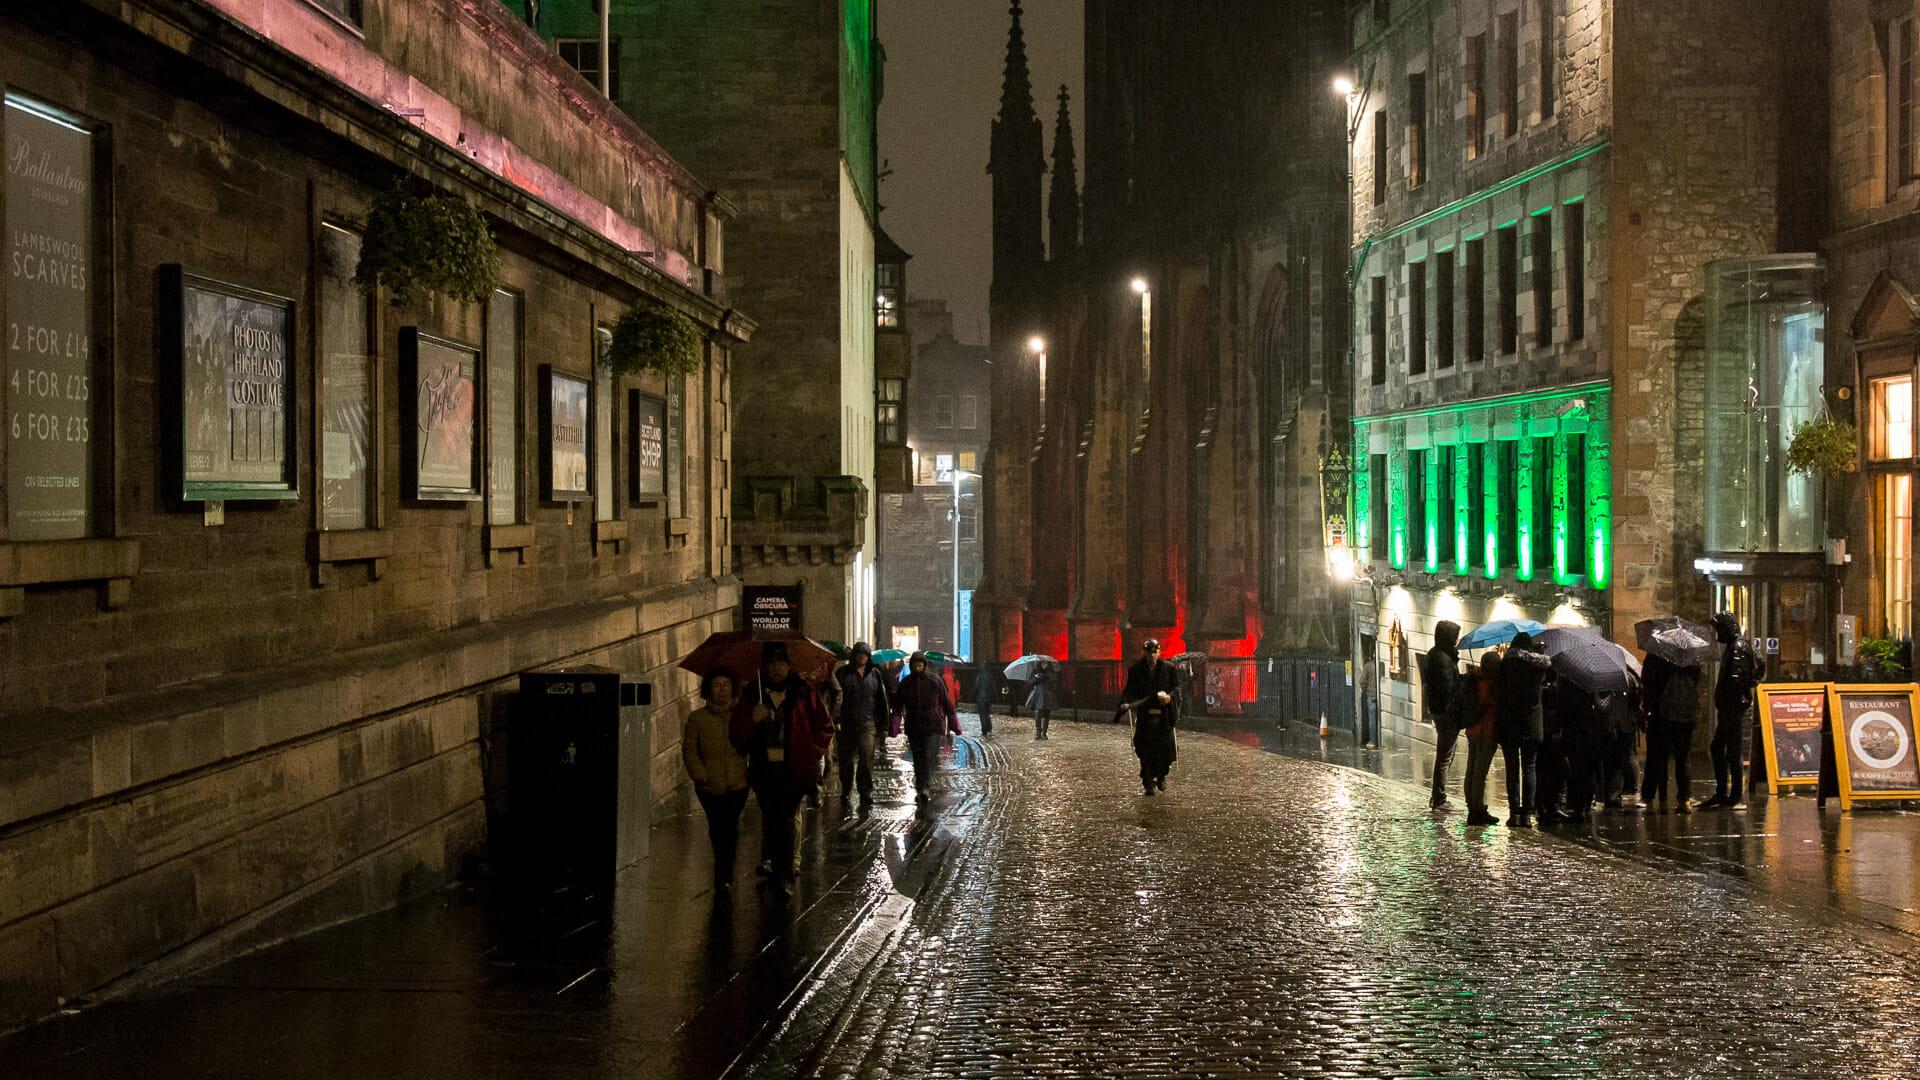 Regen bei Nacht in Edinburgh